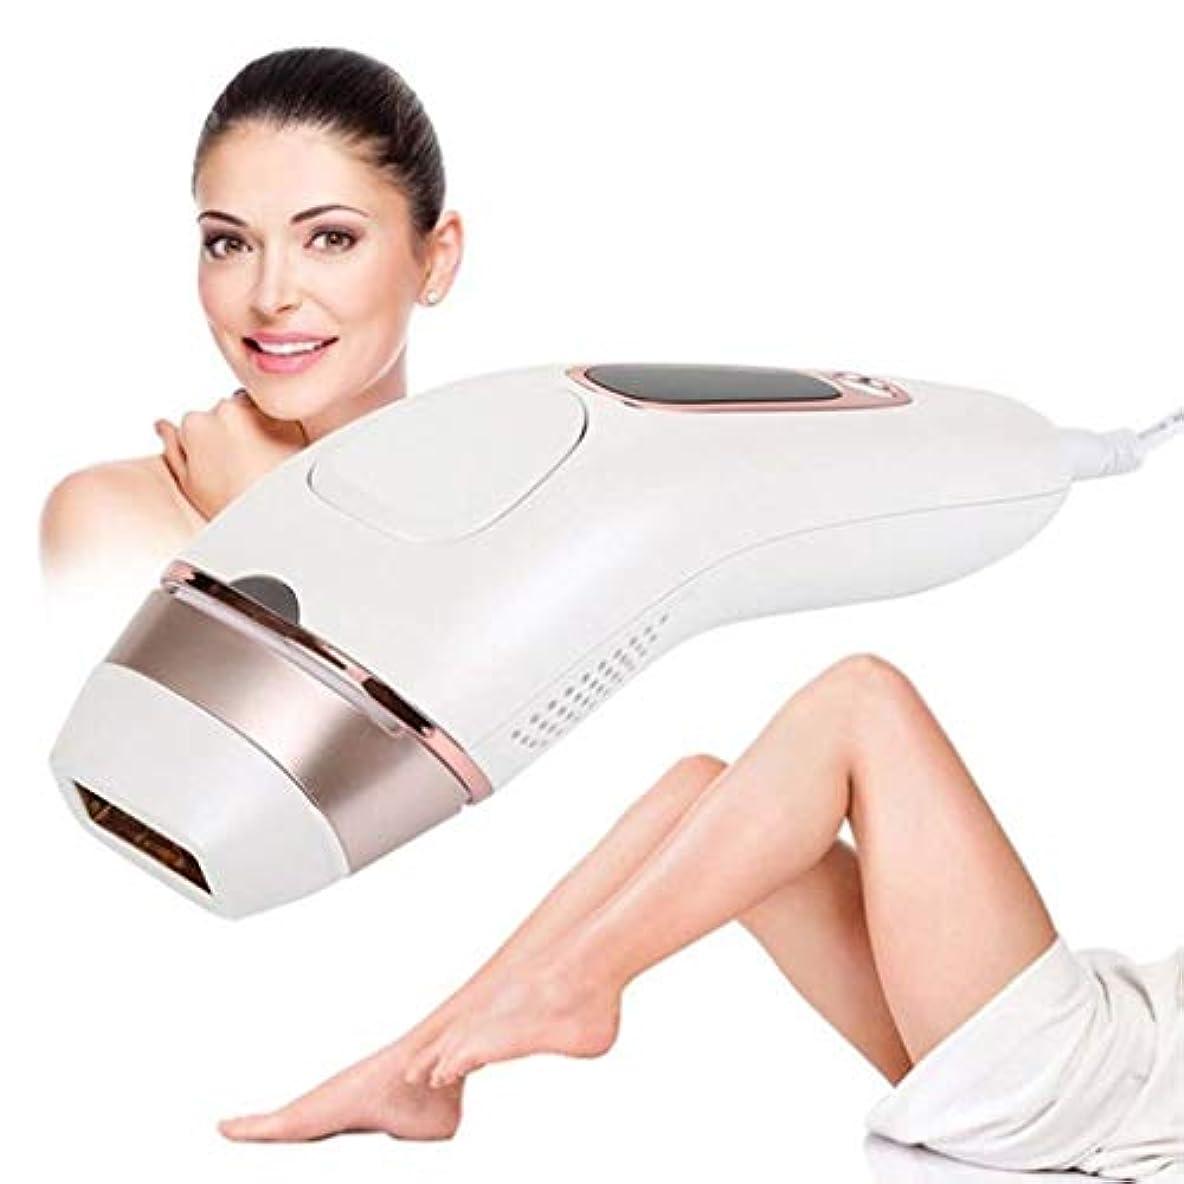 バング飼料告白する脱毛器、男女兼用IPLの毛の取り外し装置、ボディ、顔、脇の下およびビキニライン接触LCDのための永久的な毛の取り外し機械のための300,000のフラッシュ